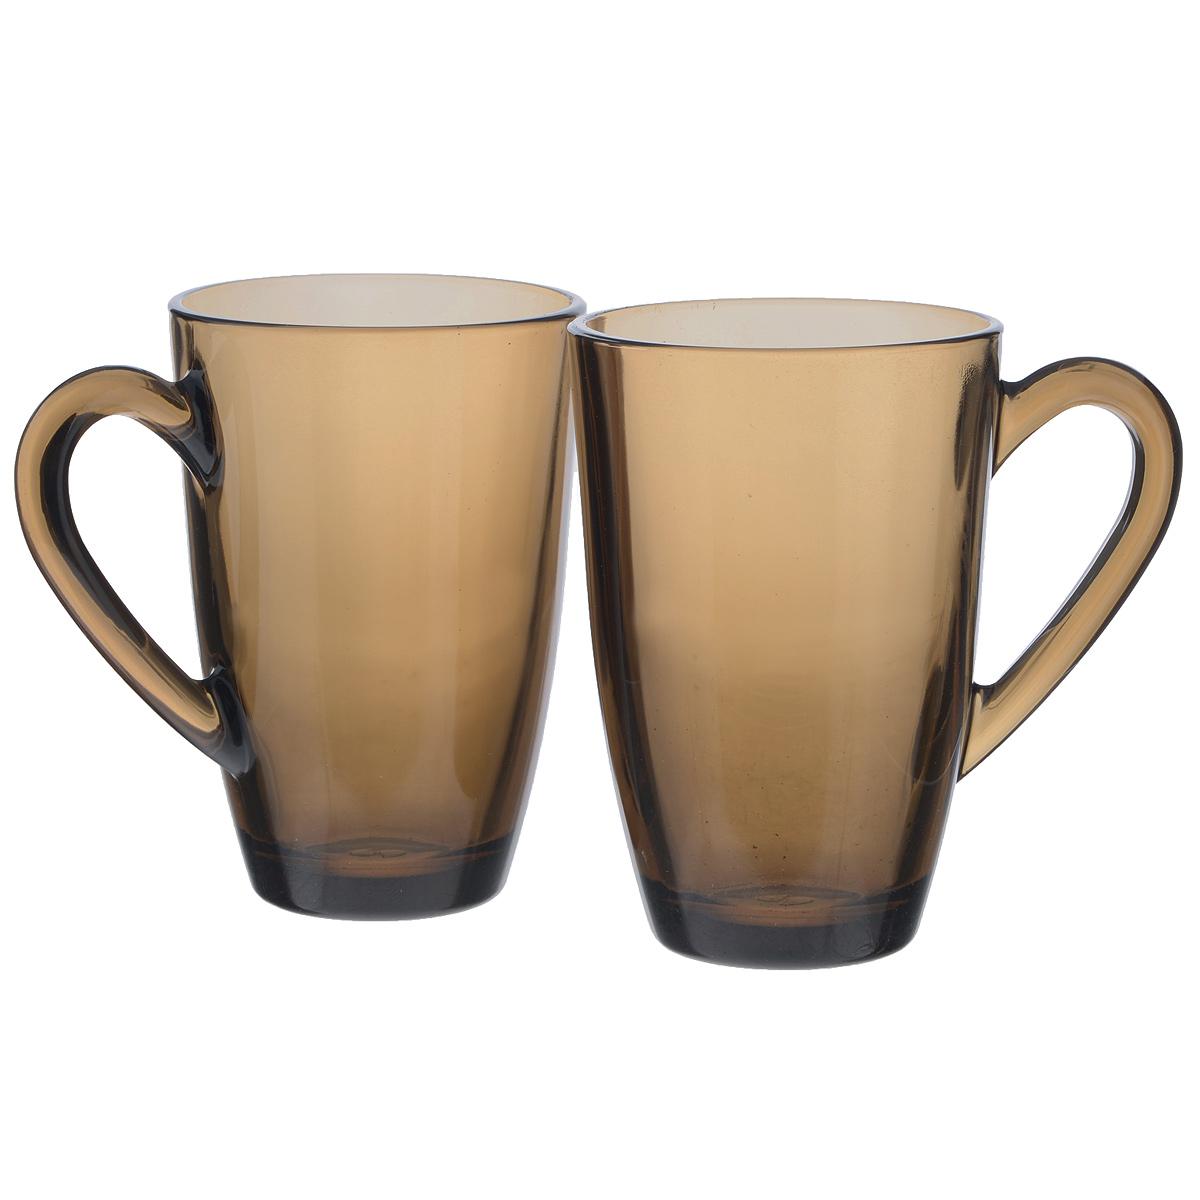 Набор кружек Pasabahce Bronze, 325 мл, 2 шт55393BZTНабор Pasabahce Bronze состоит из двух кружек с удобными ручками, выполненных из закаленного натрий-кальций-силикатного стекла. Изделия хорошо удерживают тепло, не нагреваются. Функциональность, практичность и стильный дизайн сделают набор прекрасным дополнением к вашей коллекции посуды. Можно мыть в посудомоечных машинах и использовать в микроволновых печах.Диаметр кружки по верхнему краю: 7,5 см. Высота кружки: 11,5 см.Объем: 325 мл.